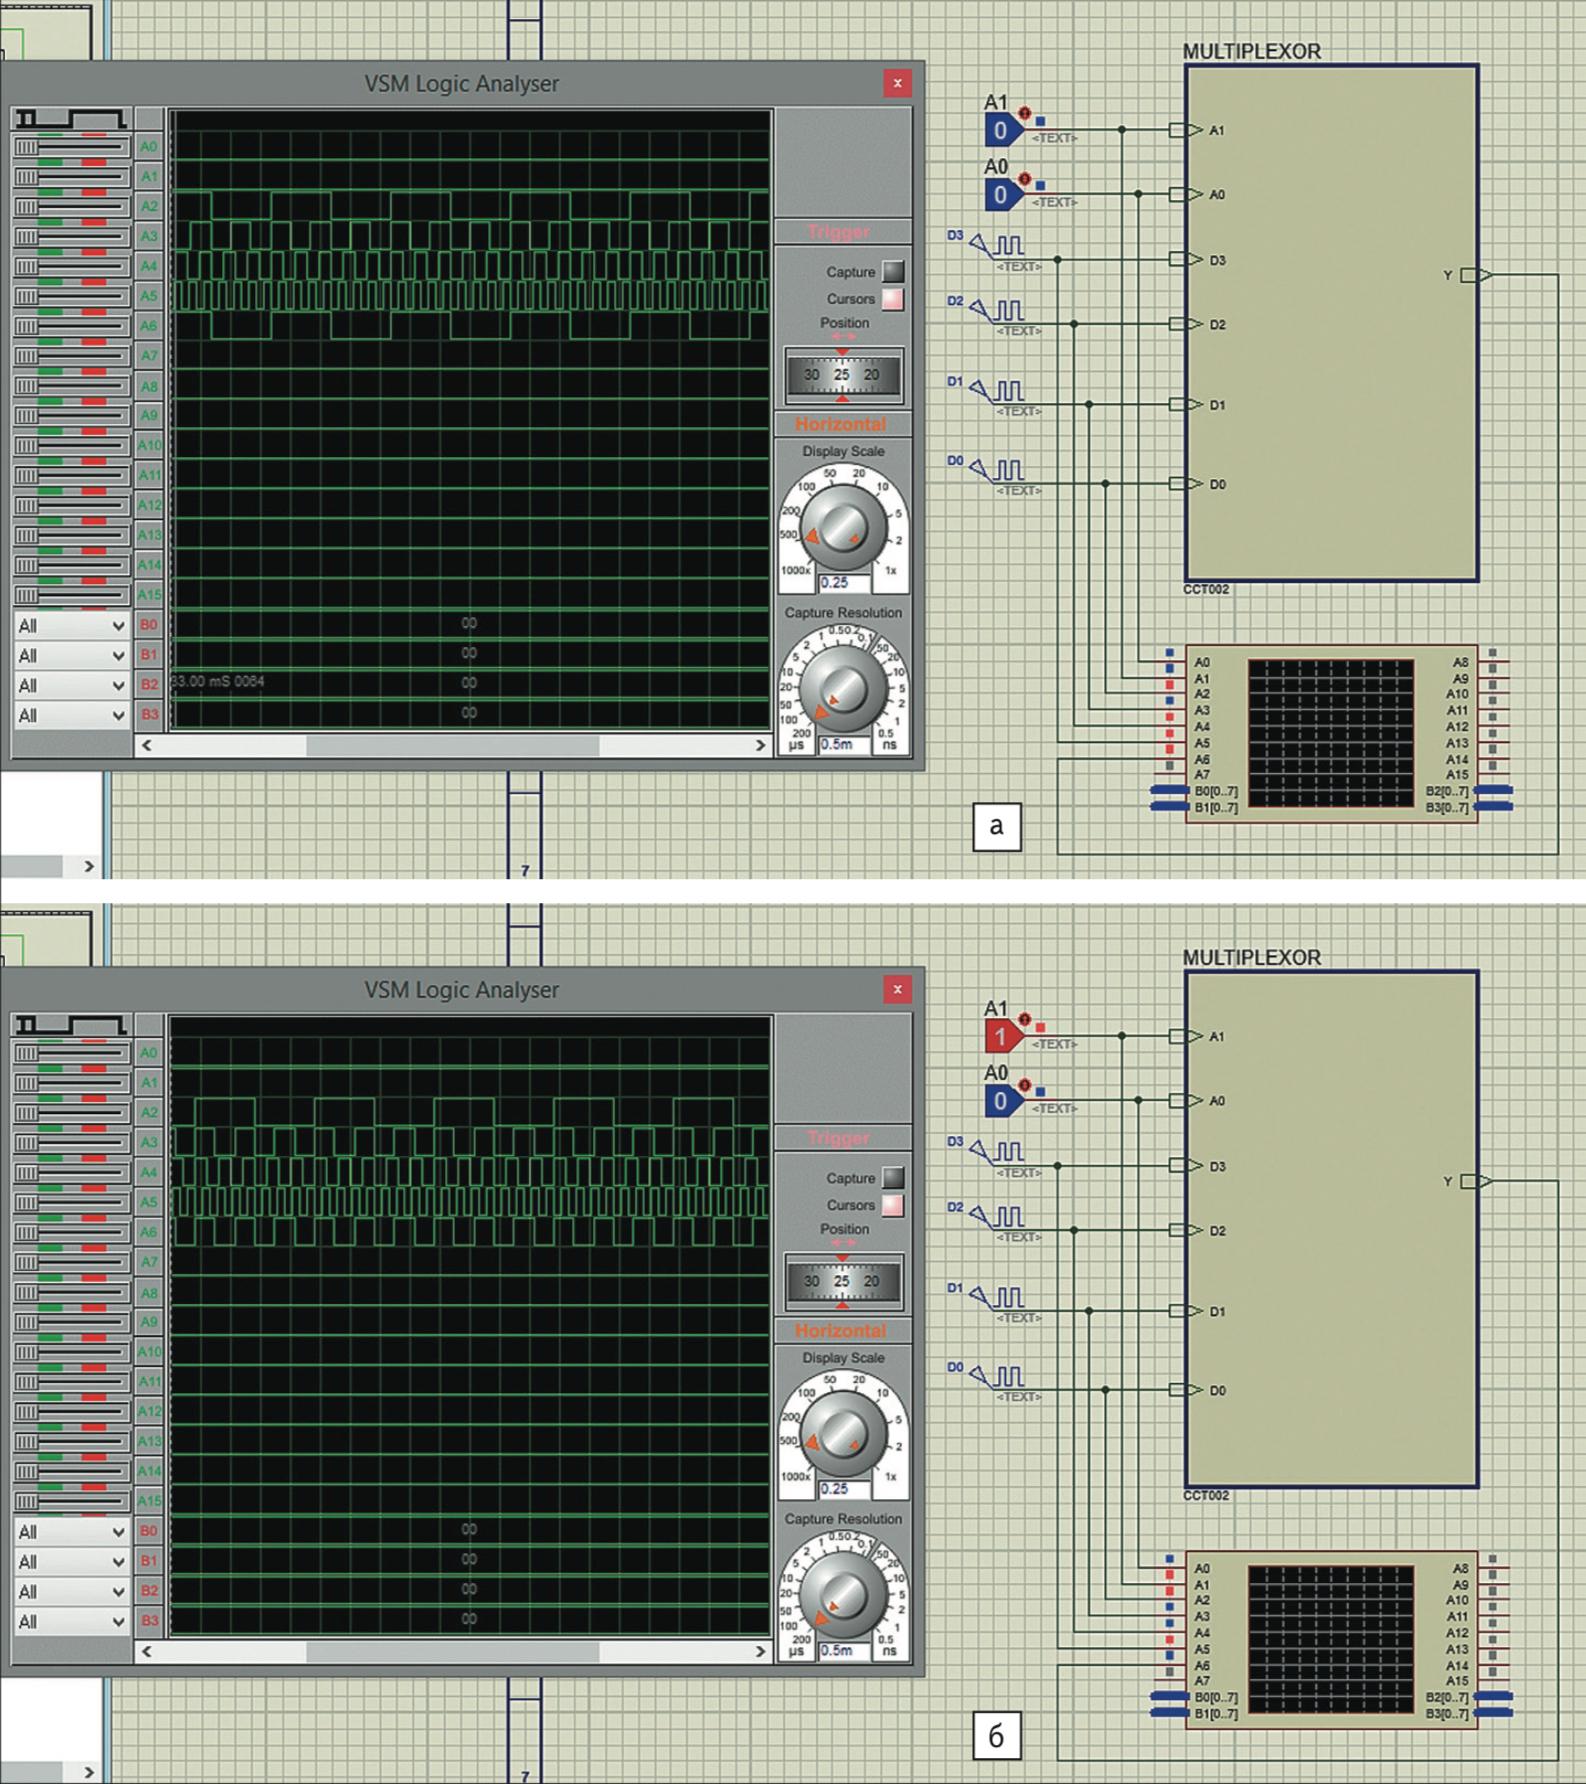 Результаты тестирования схемы мультиплексора на четыре информационных входа, построенного на логических элементах 2И‐НЕ, 2И, НЕ: а) сигналы А0, А1 — 00; б) сигналы А0, А1 — 01